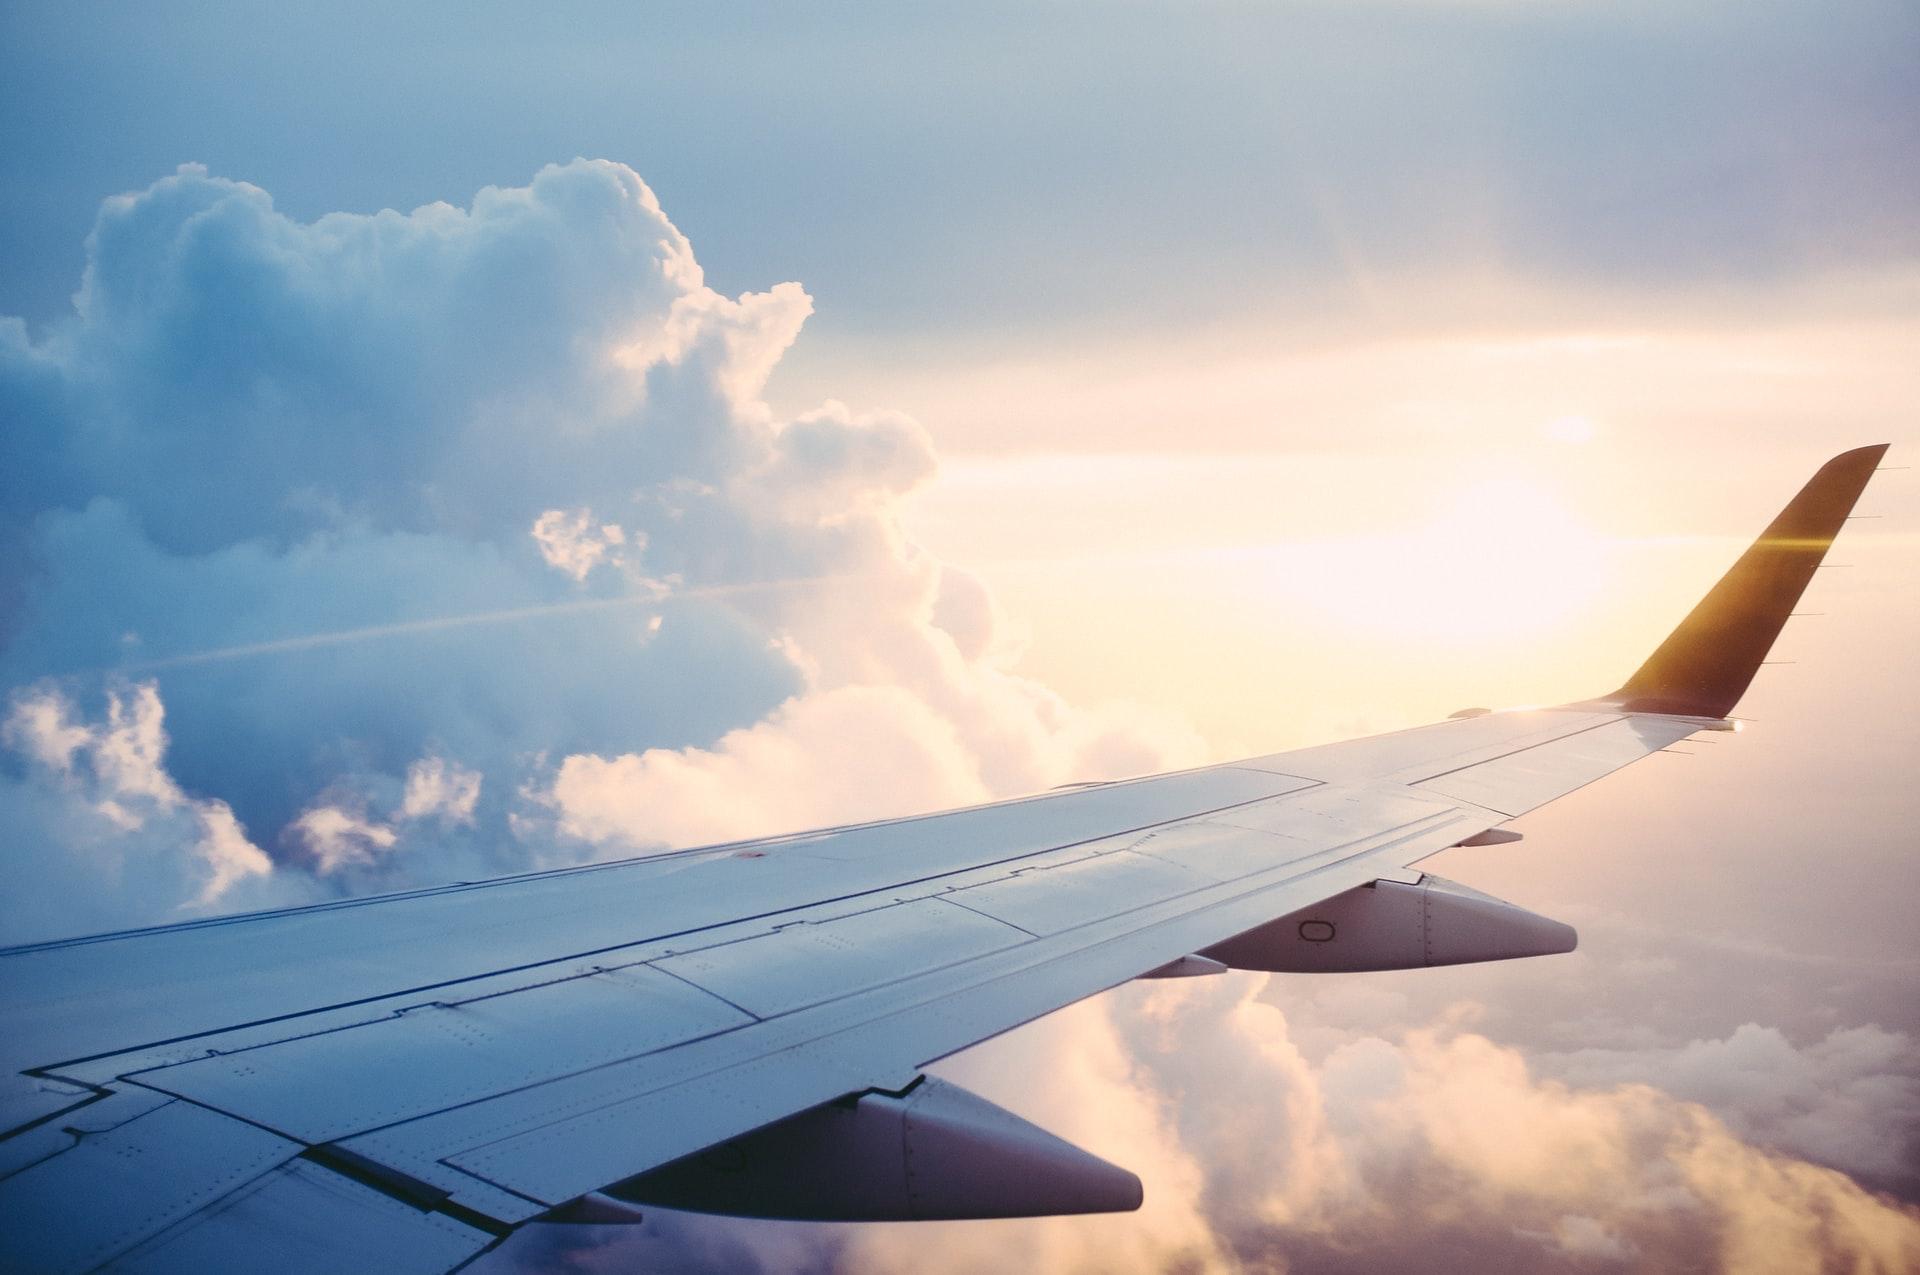 Firmy seškrtaly služební cesty letadlem i autem. Důvodem je uhlíková stopa i koronavirus